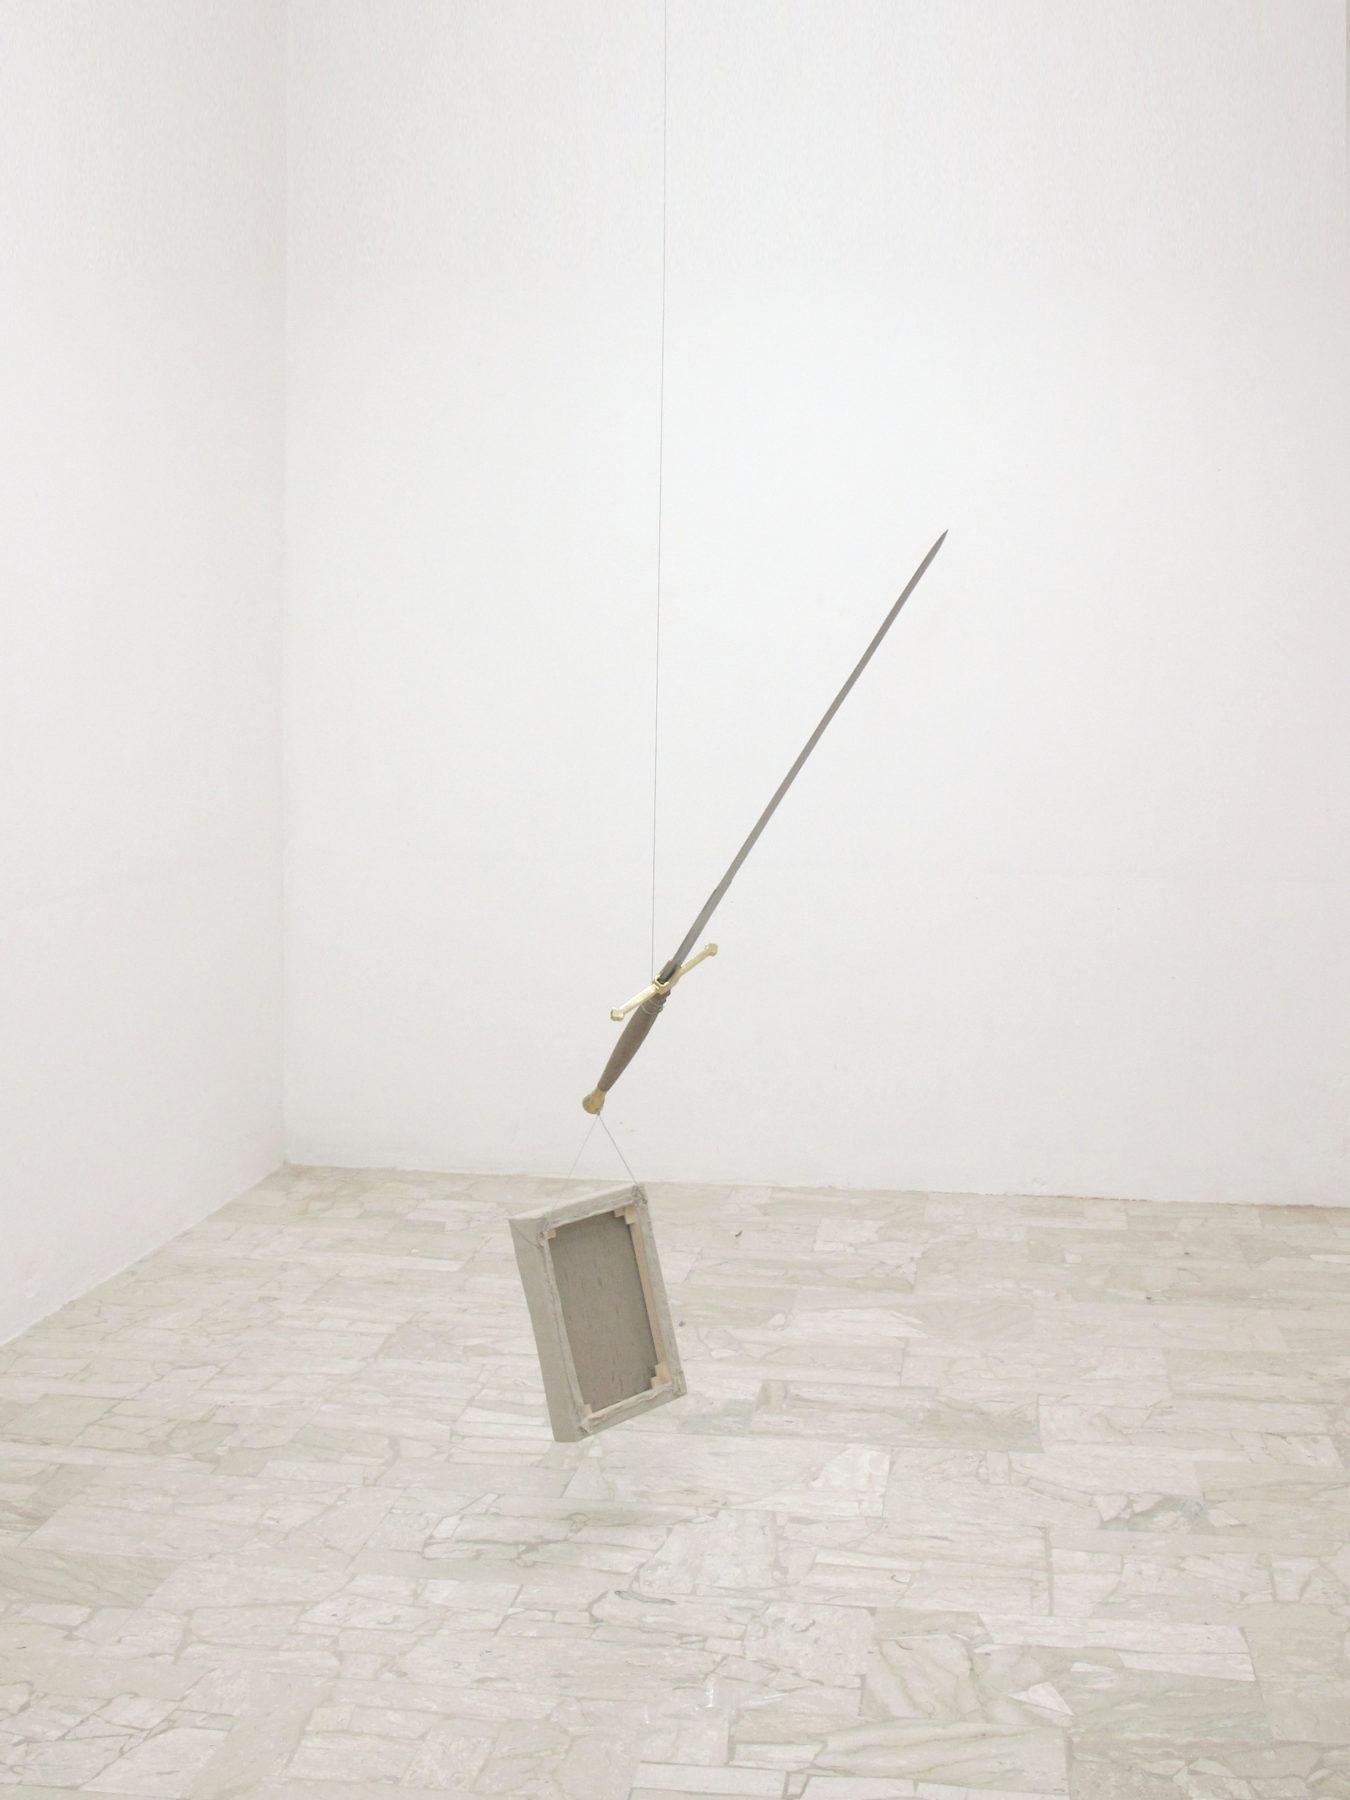 Davide Mancini Zanchi, Guardami le spalle, guardami le spalle, 2016, olio su tel, spada, acciaio, 160x30x10cm